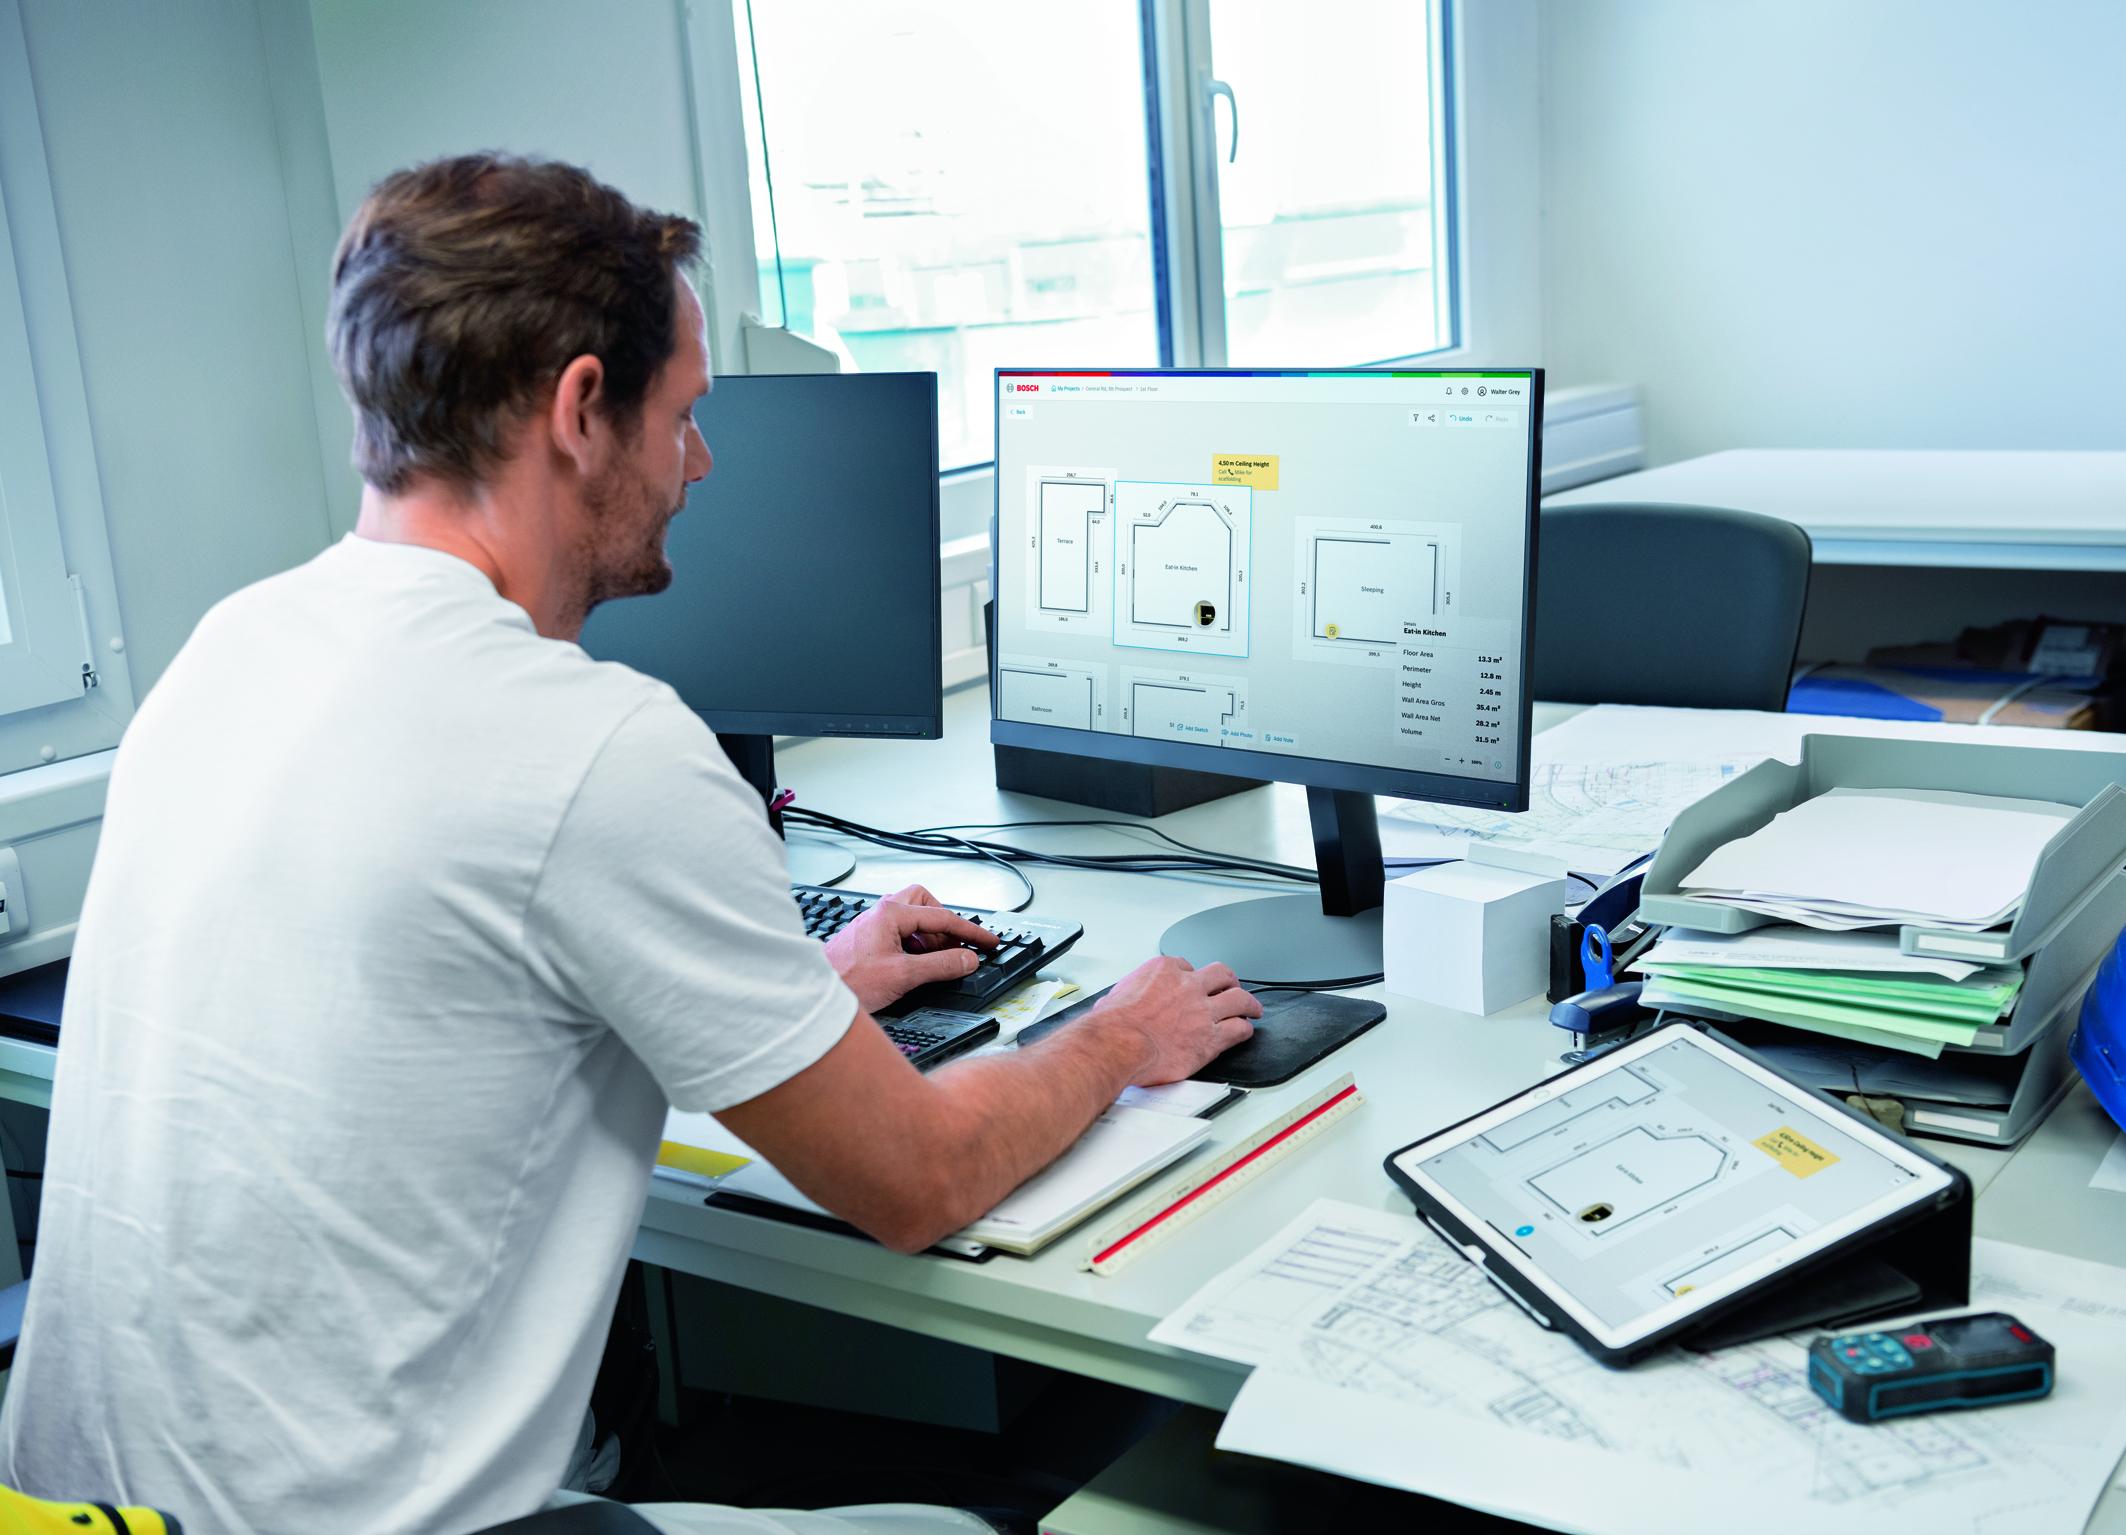 Ľahšie spracovanie dát prostredníctvom aplikácie a cloudu: MeasureOn od spoločnosti Bosch pre profesionálov